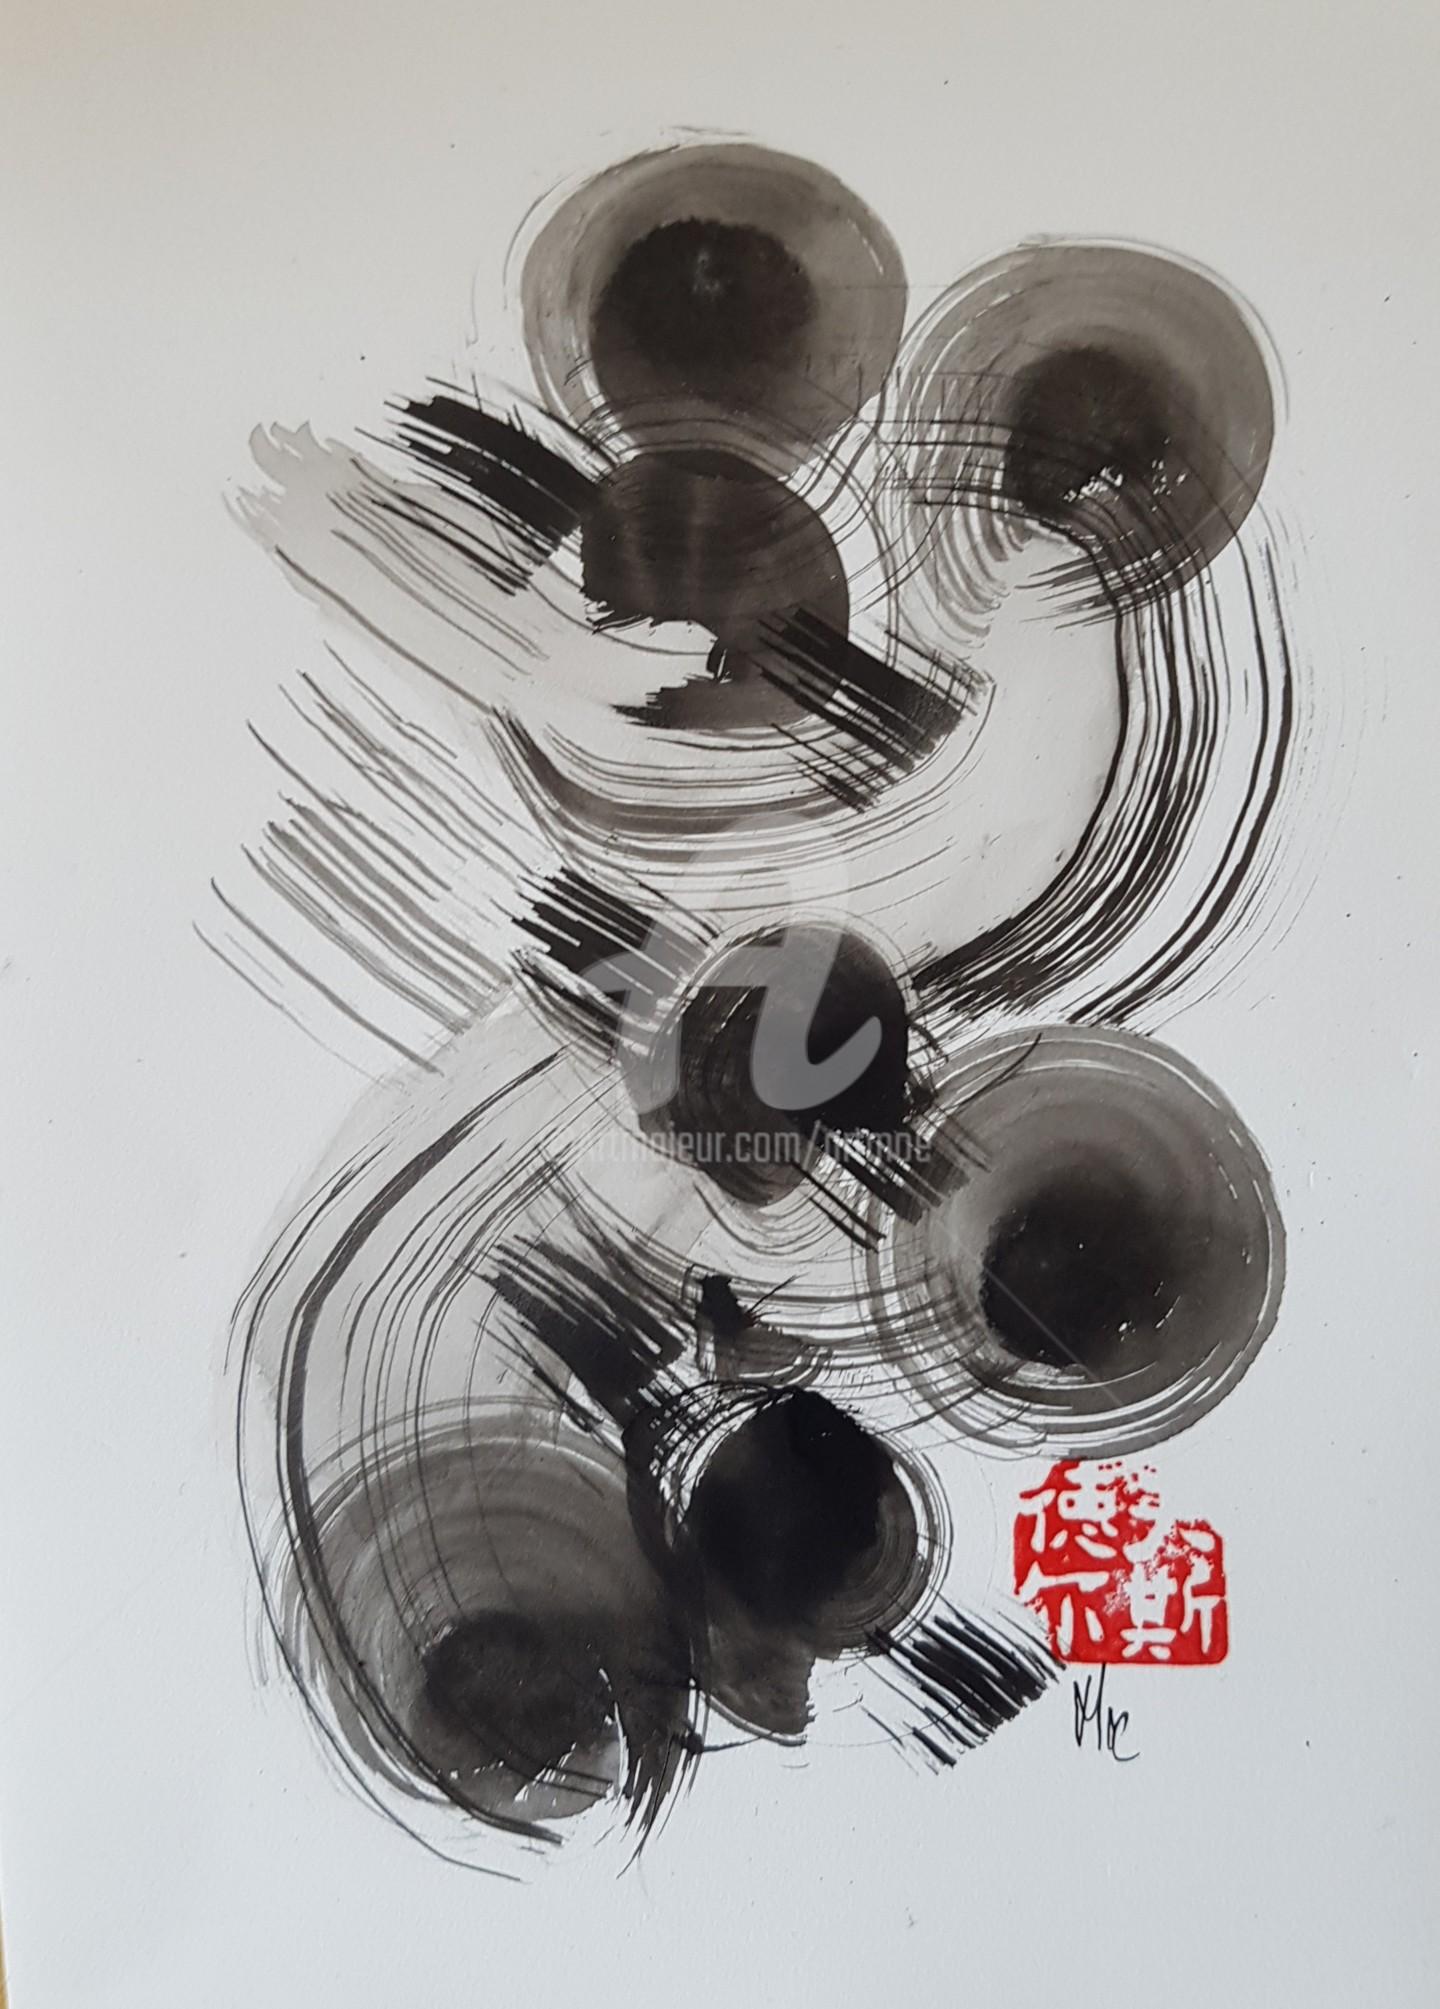 Art Moé - Sumi e Contemporary #11